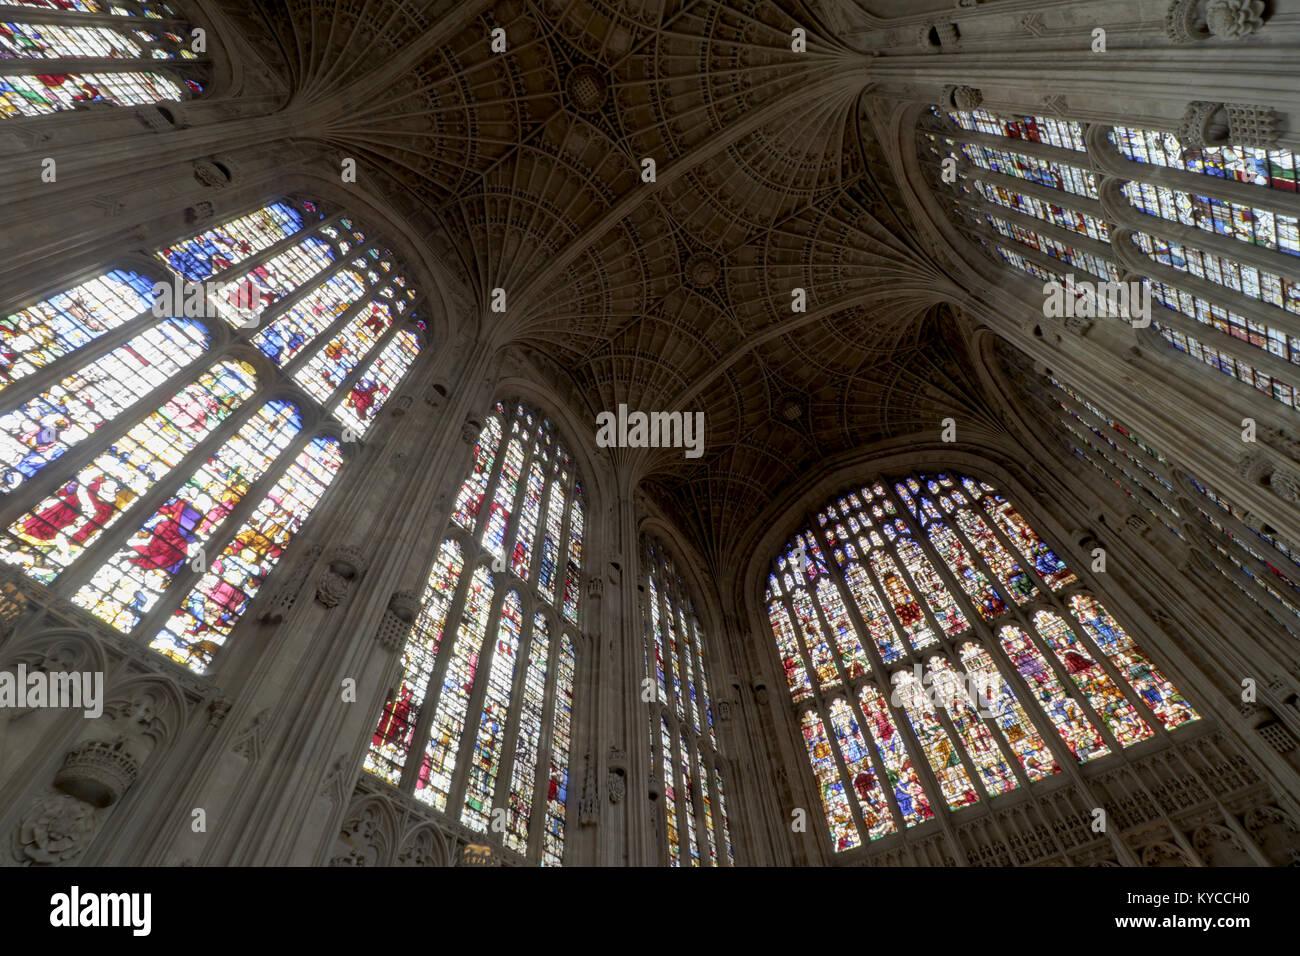 Ventilador de techo de bóveda y vitrales de la capilla de King's College en la Universidad de Cambridge, Imagen De Stock